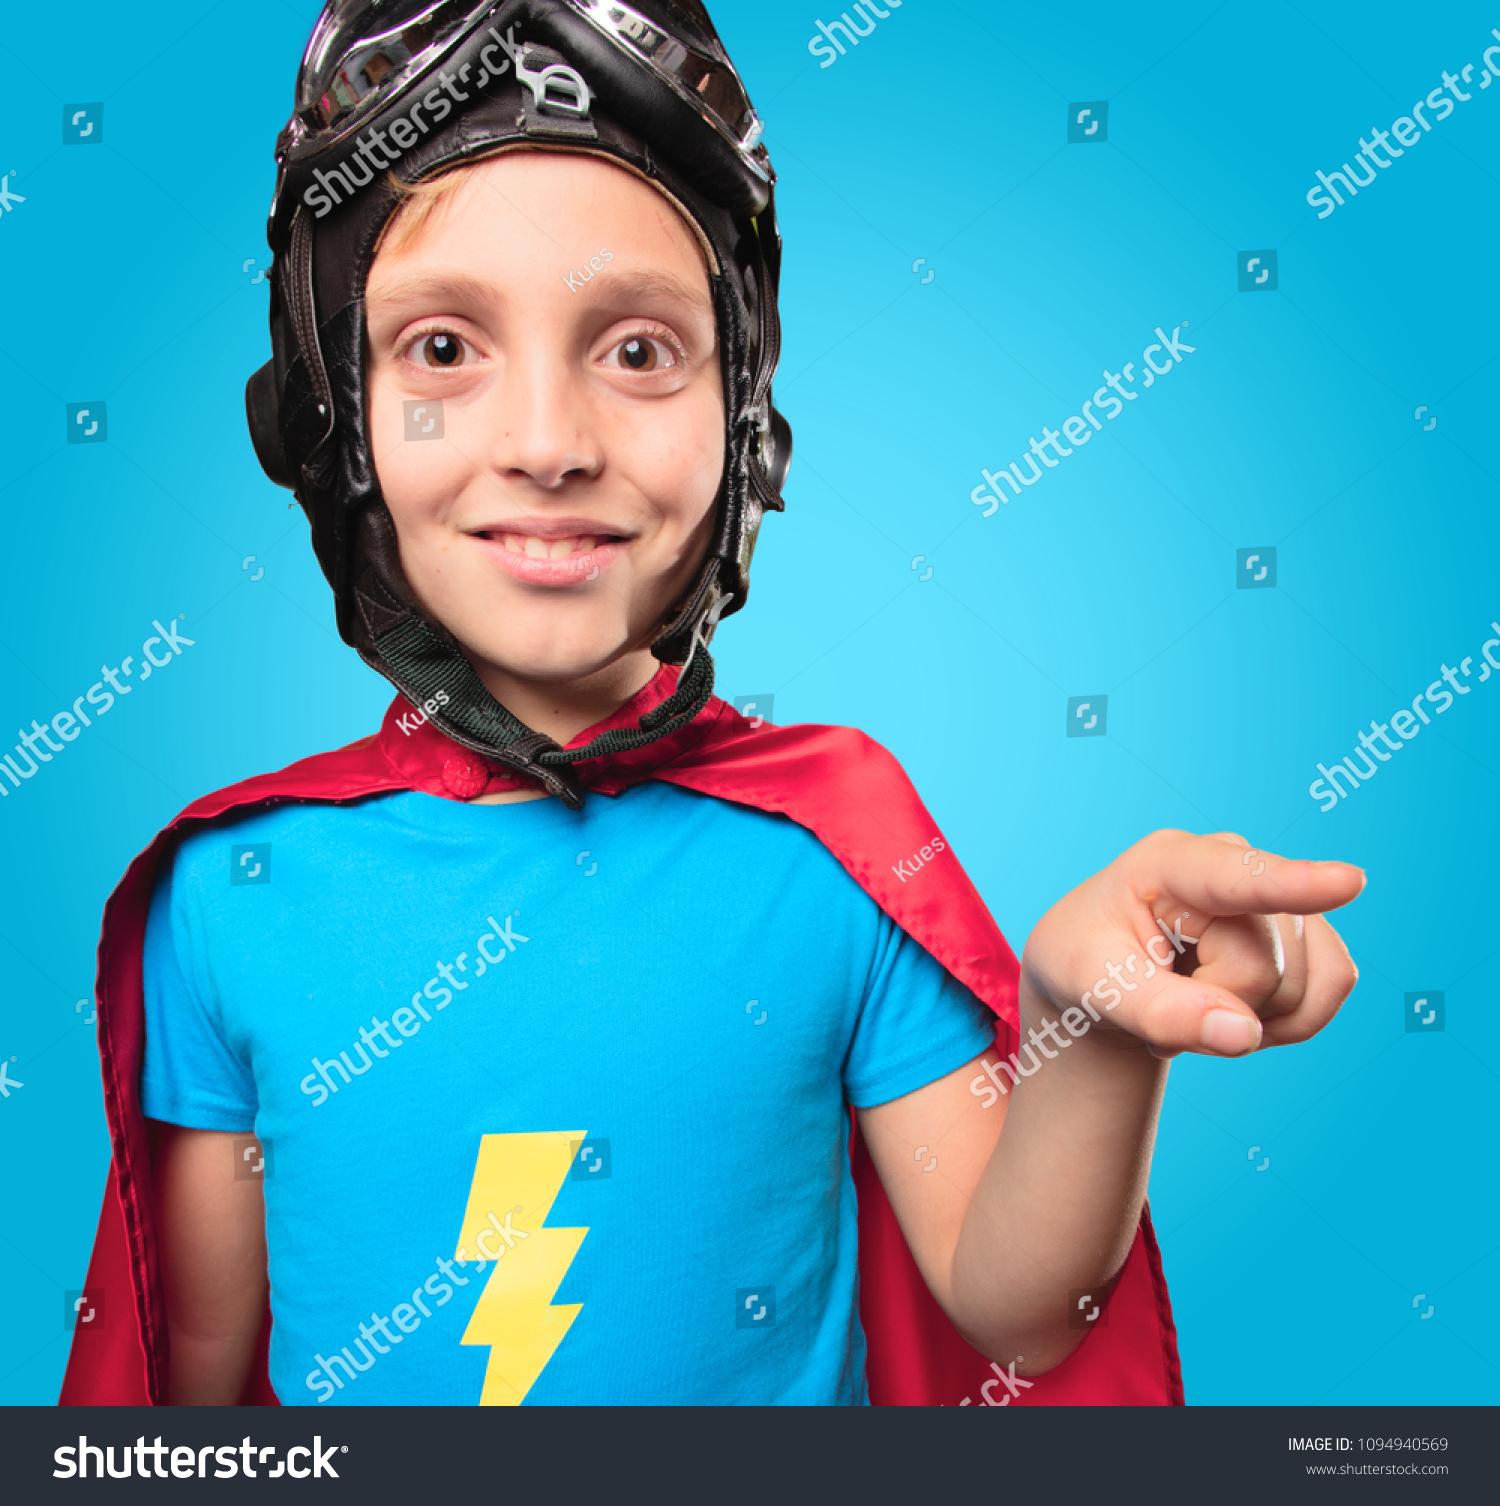 Super handsome boy